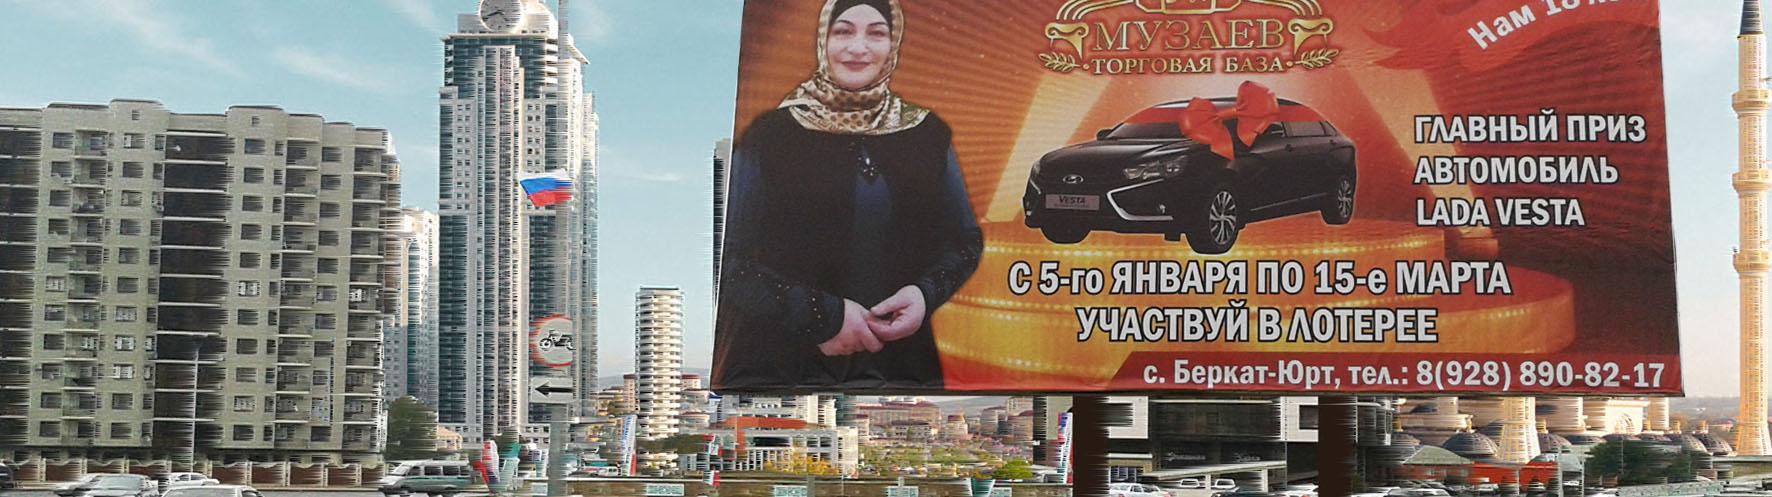 Чечня рекламные щиты Грозный